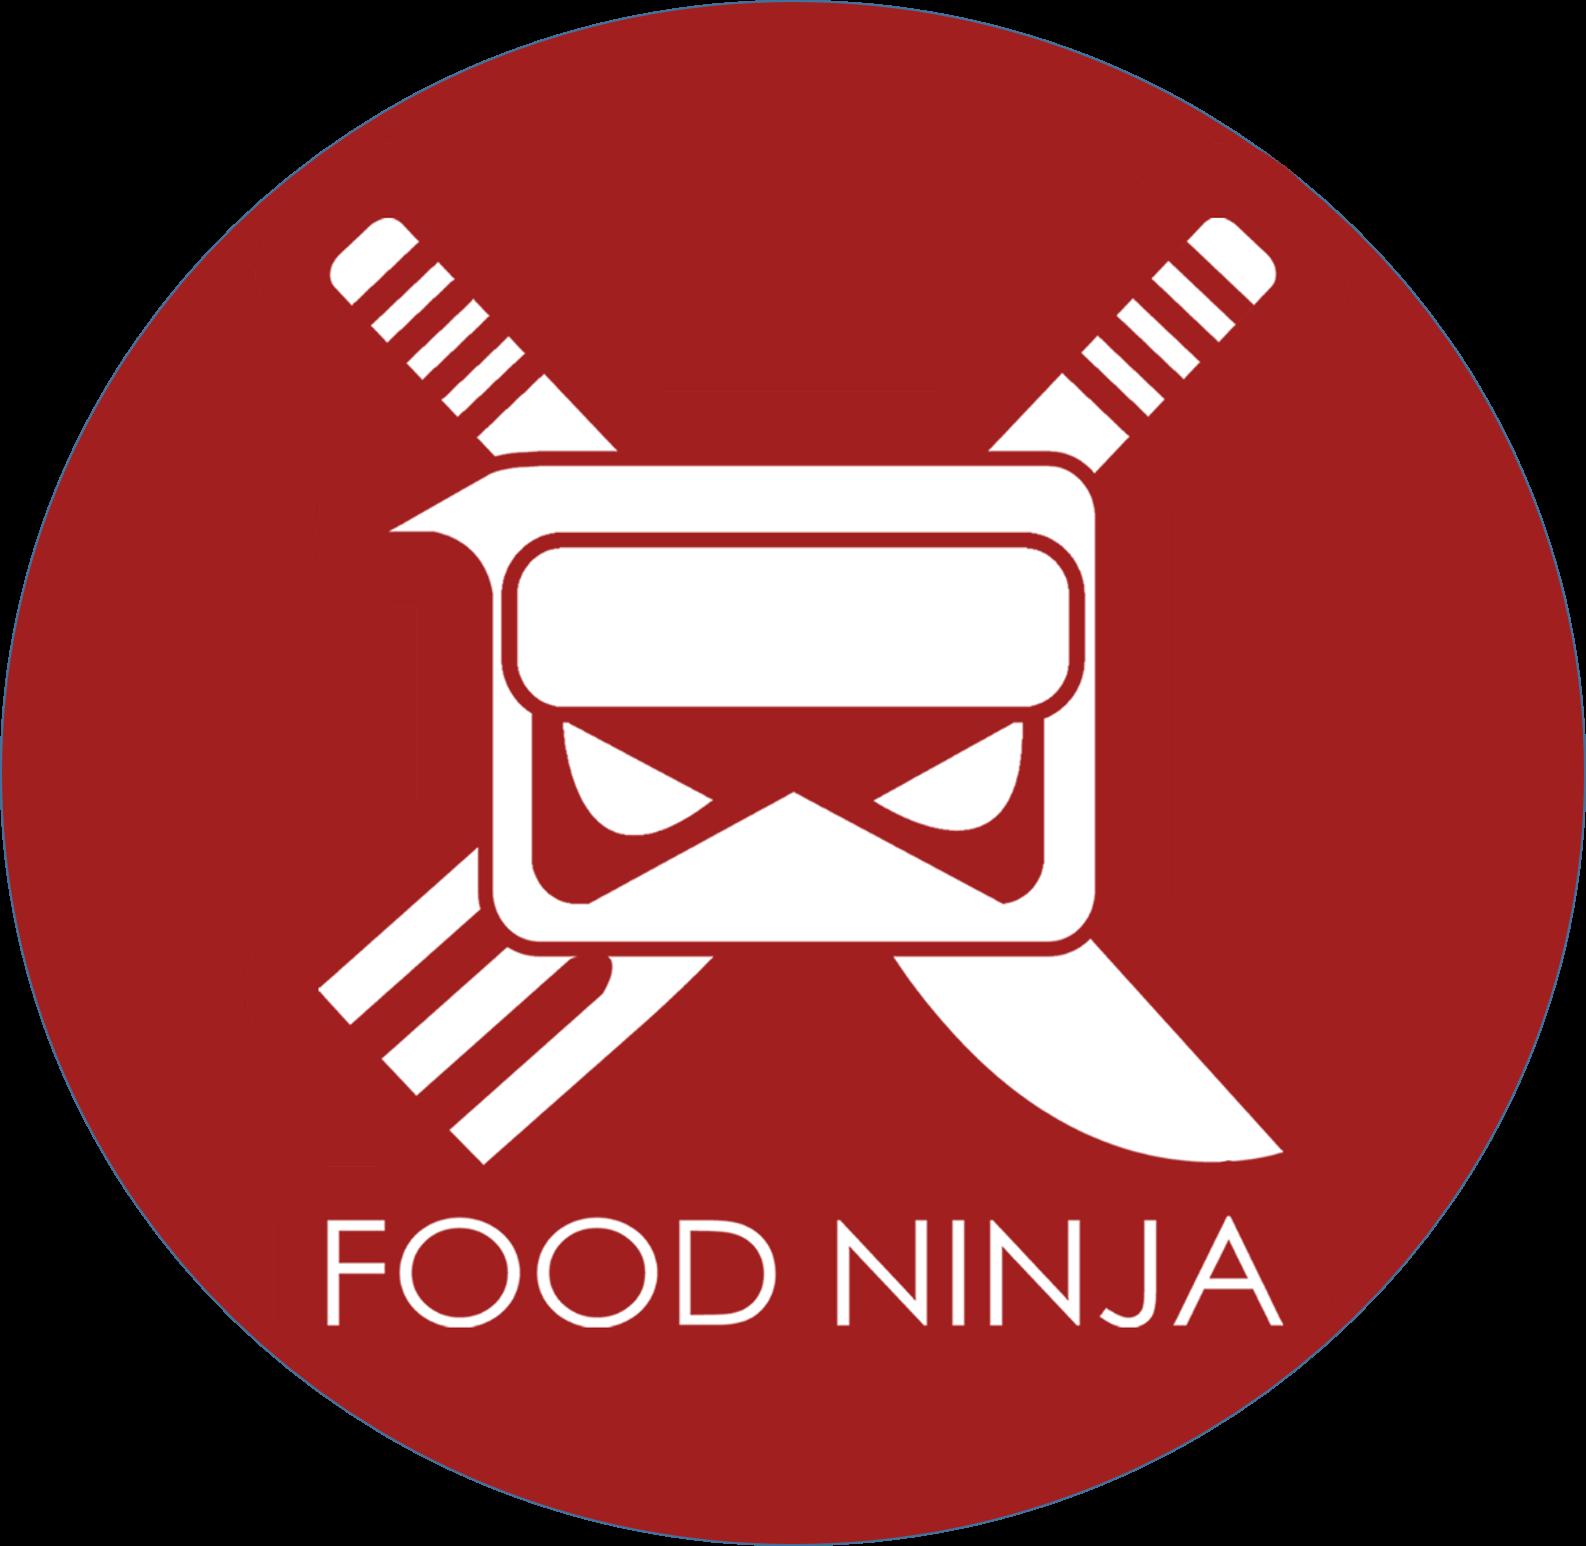 food ninja.png